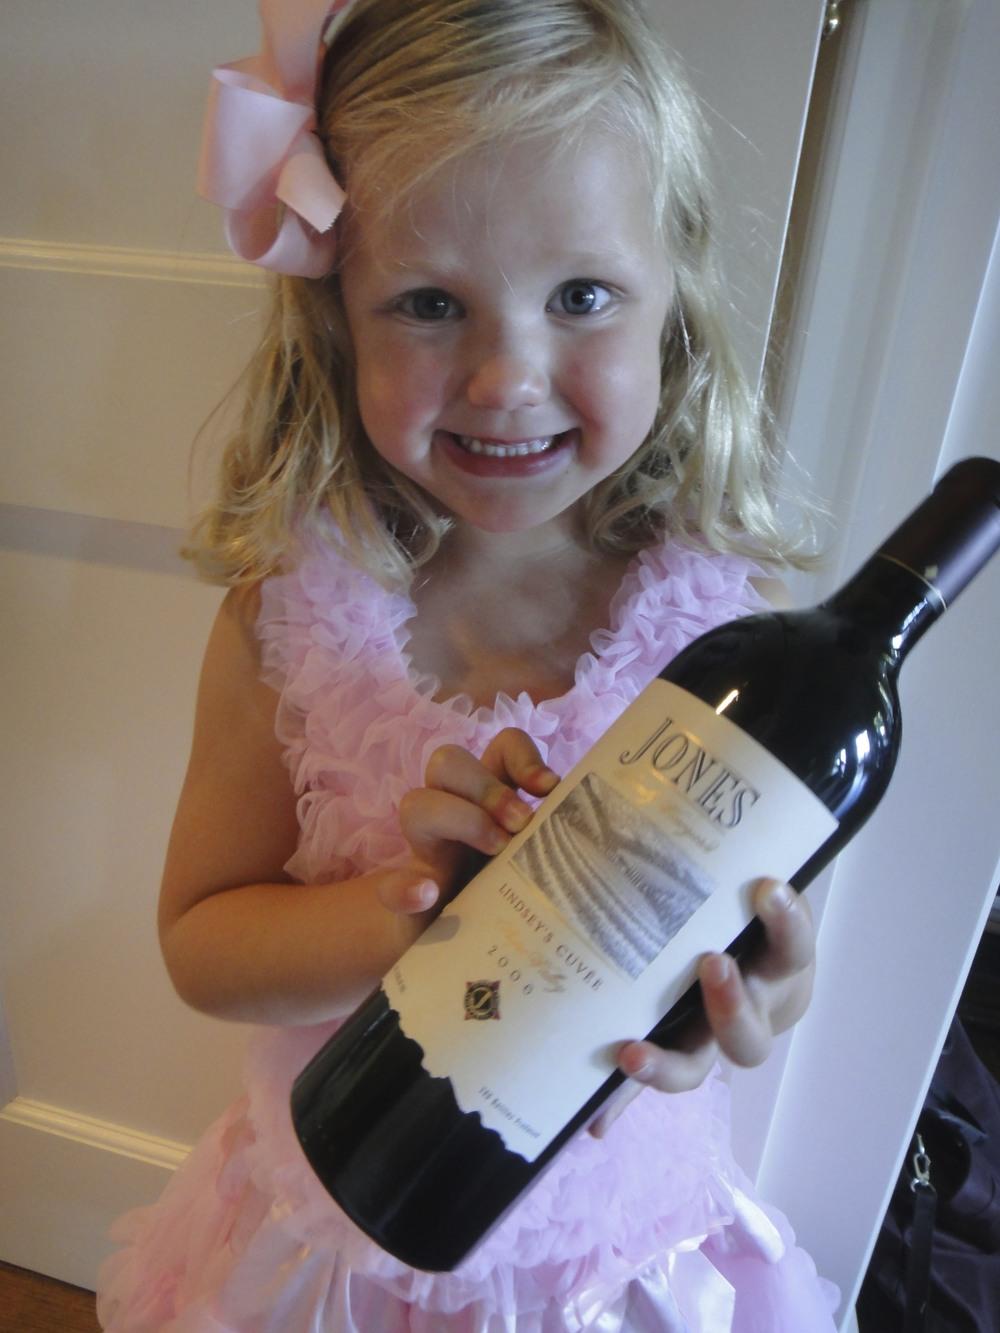 LJB and her wine